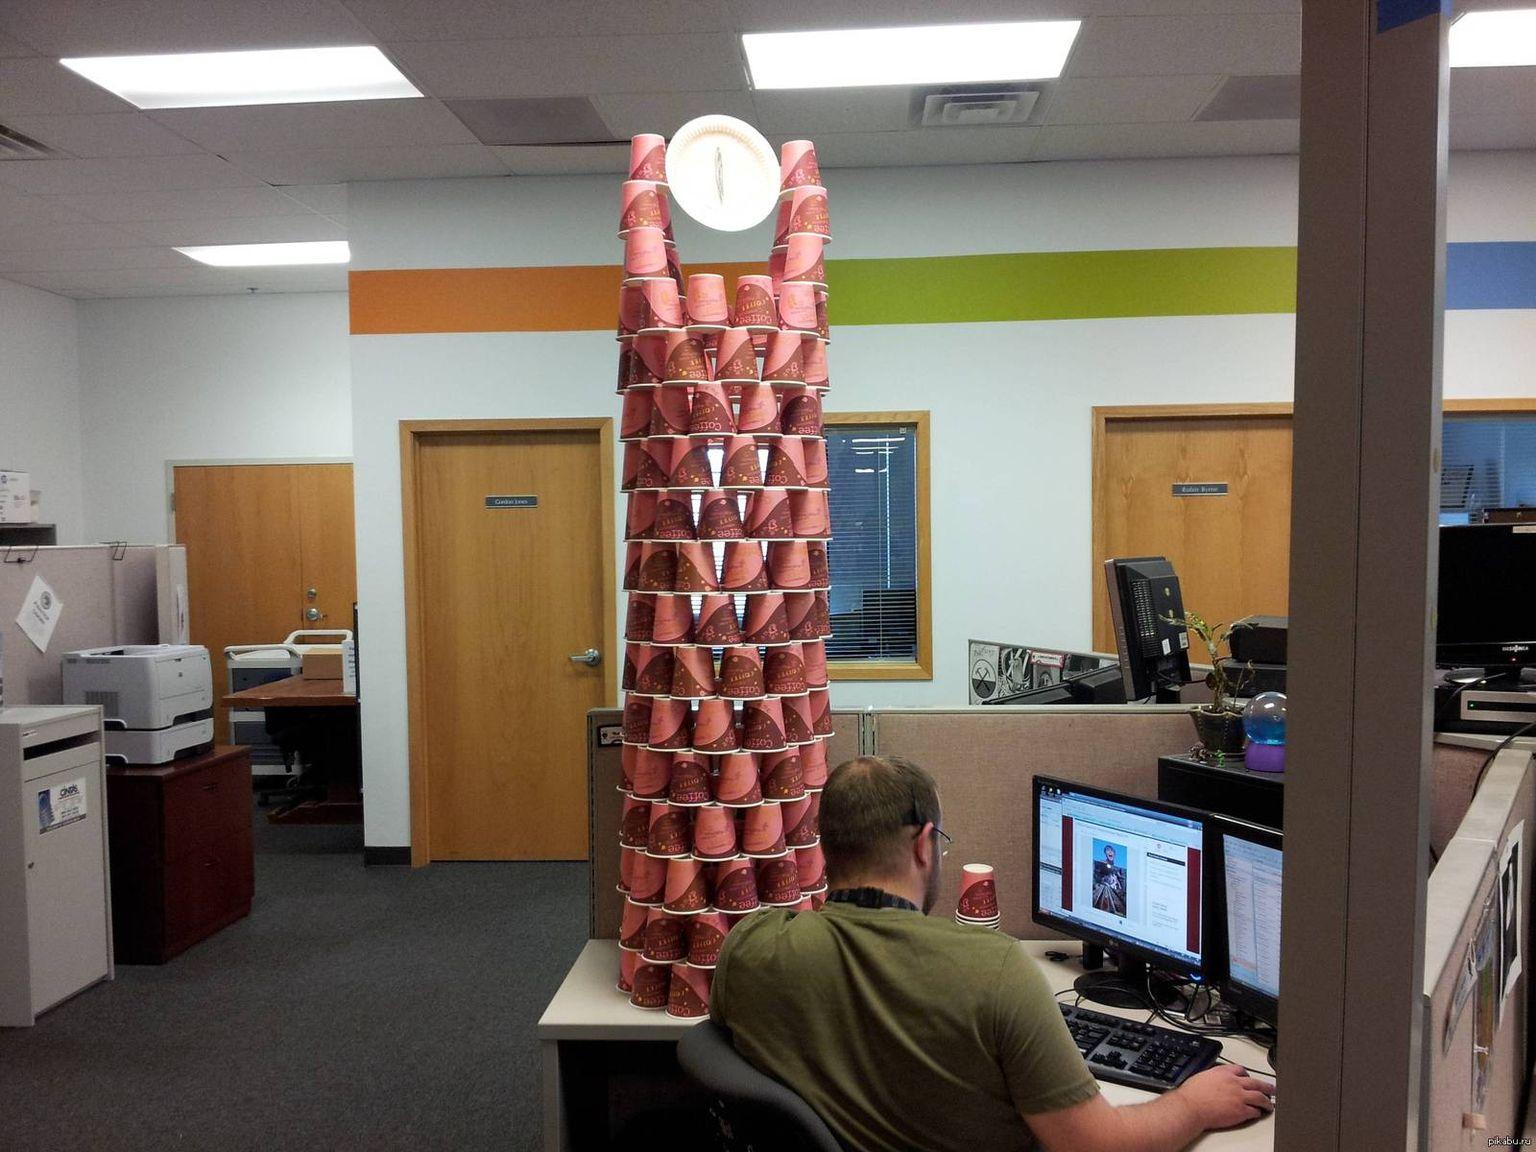 смешные фото про работу в офисе именно